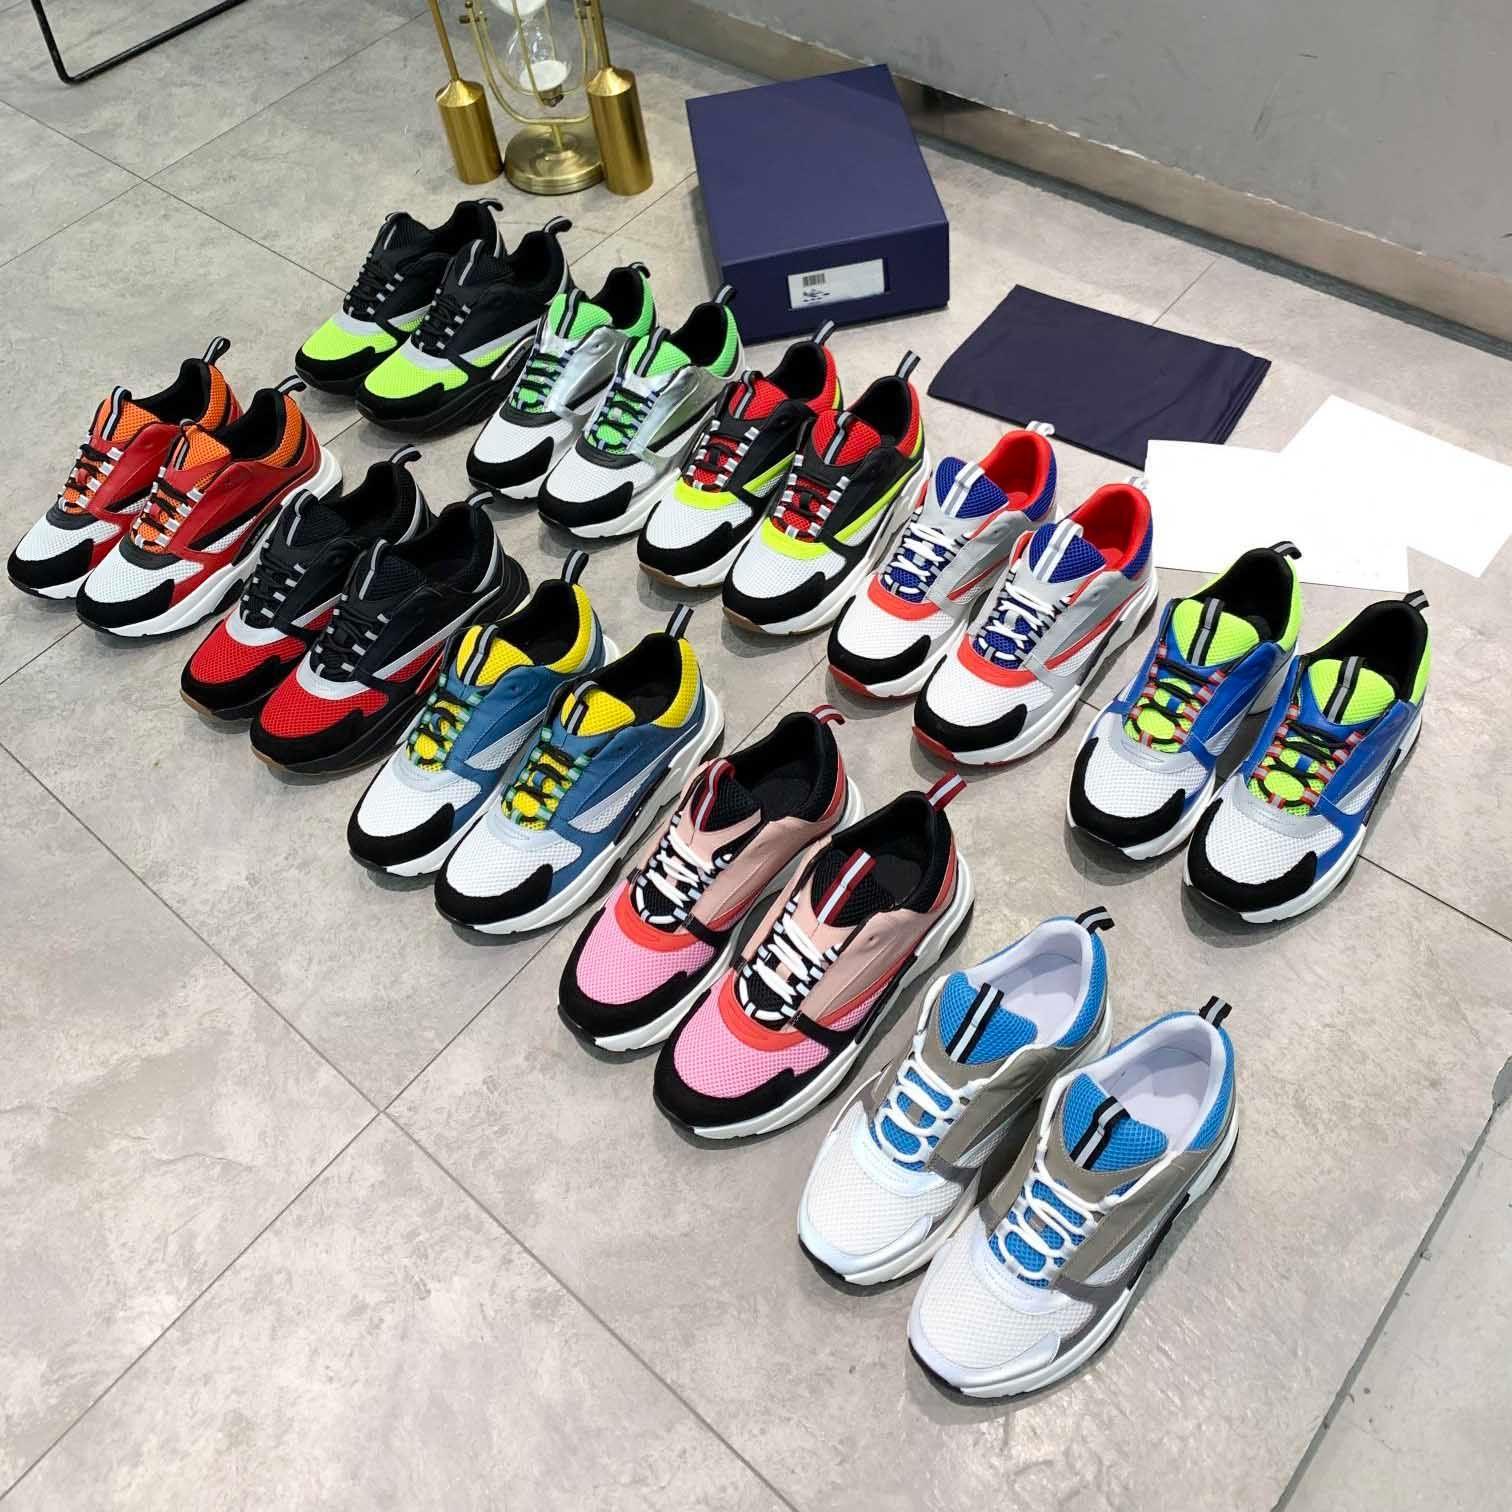 Tasarımcı Ayakkabı B22 B23 Sneakers Erkekler Beyaz Siyah Örgü Rahat Ayakkabı Kadınlar Düz Tuval Sneaker Retro Patchwork Spor Pamuk Bağcıklar Ile Büyük Boy 35-46